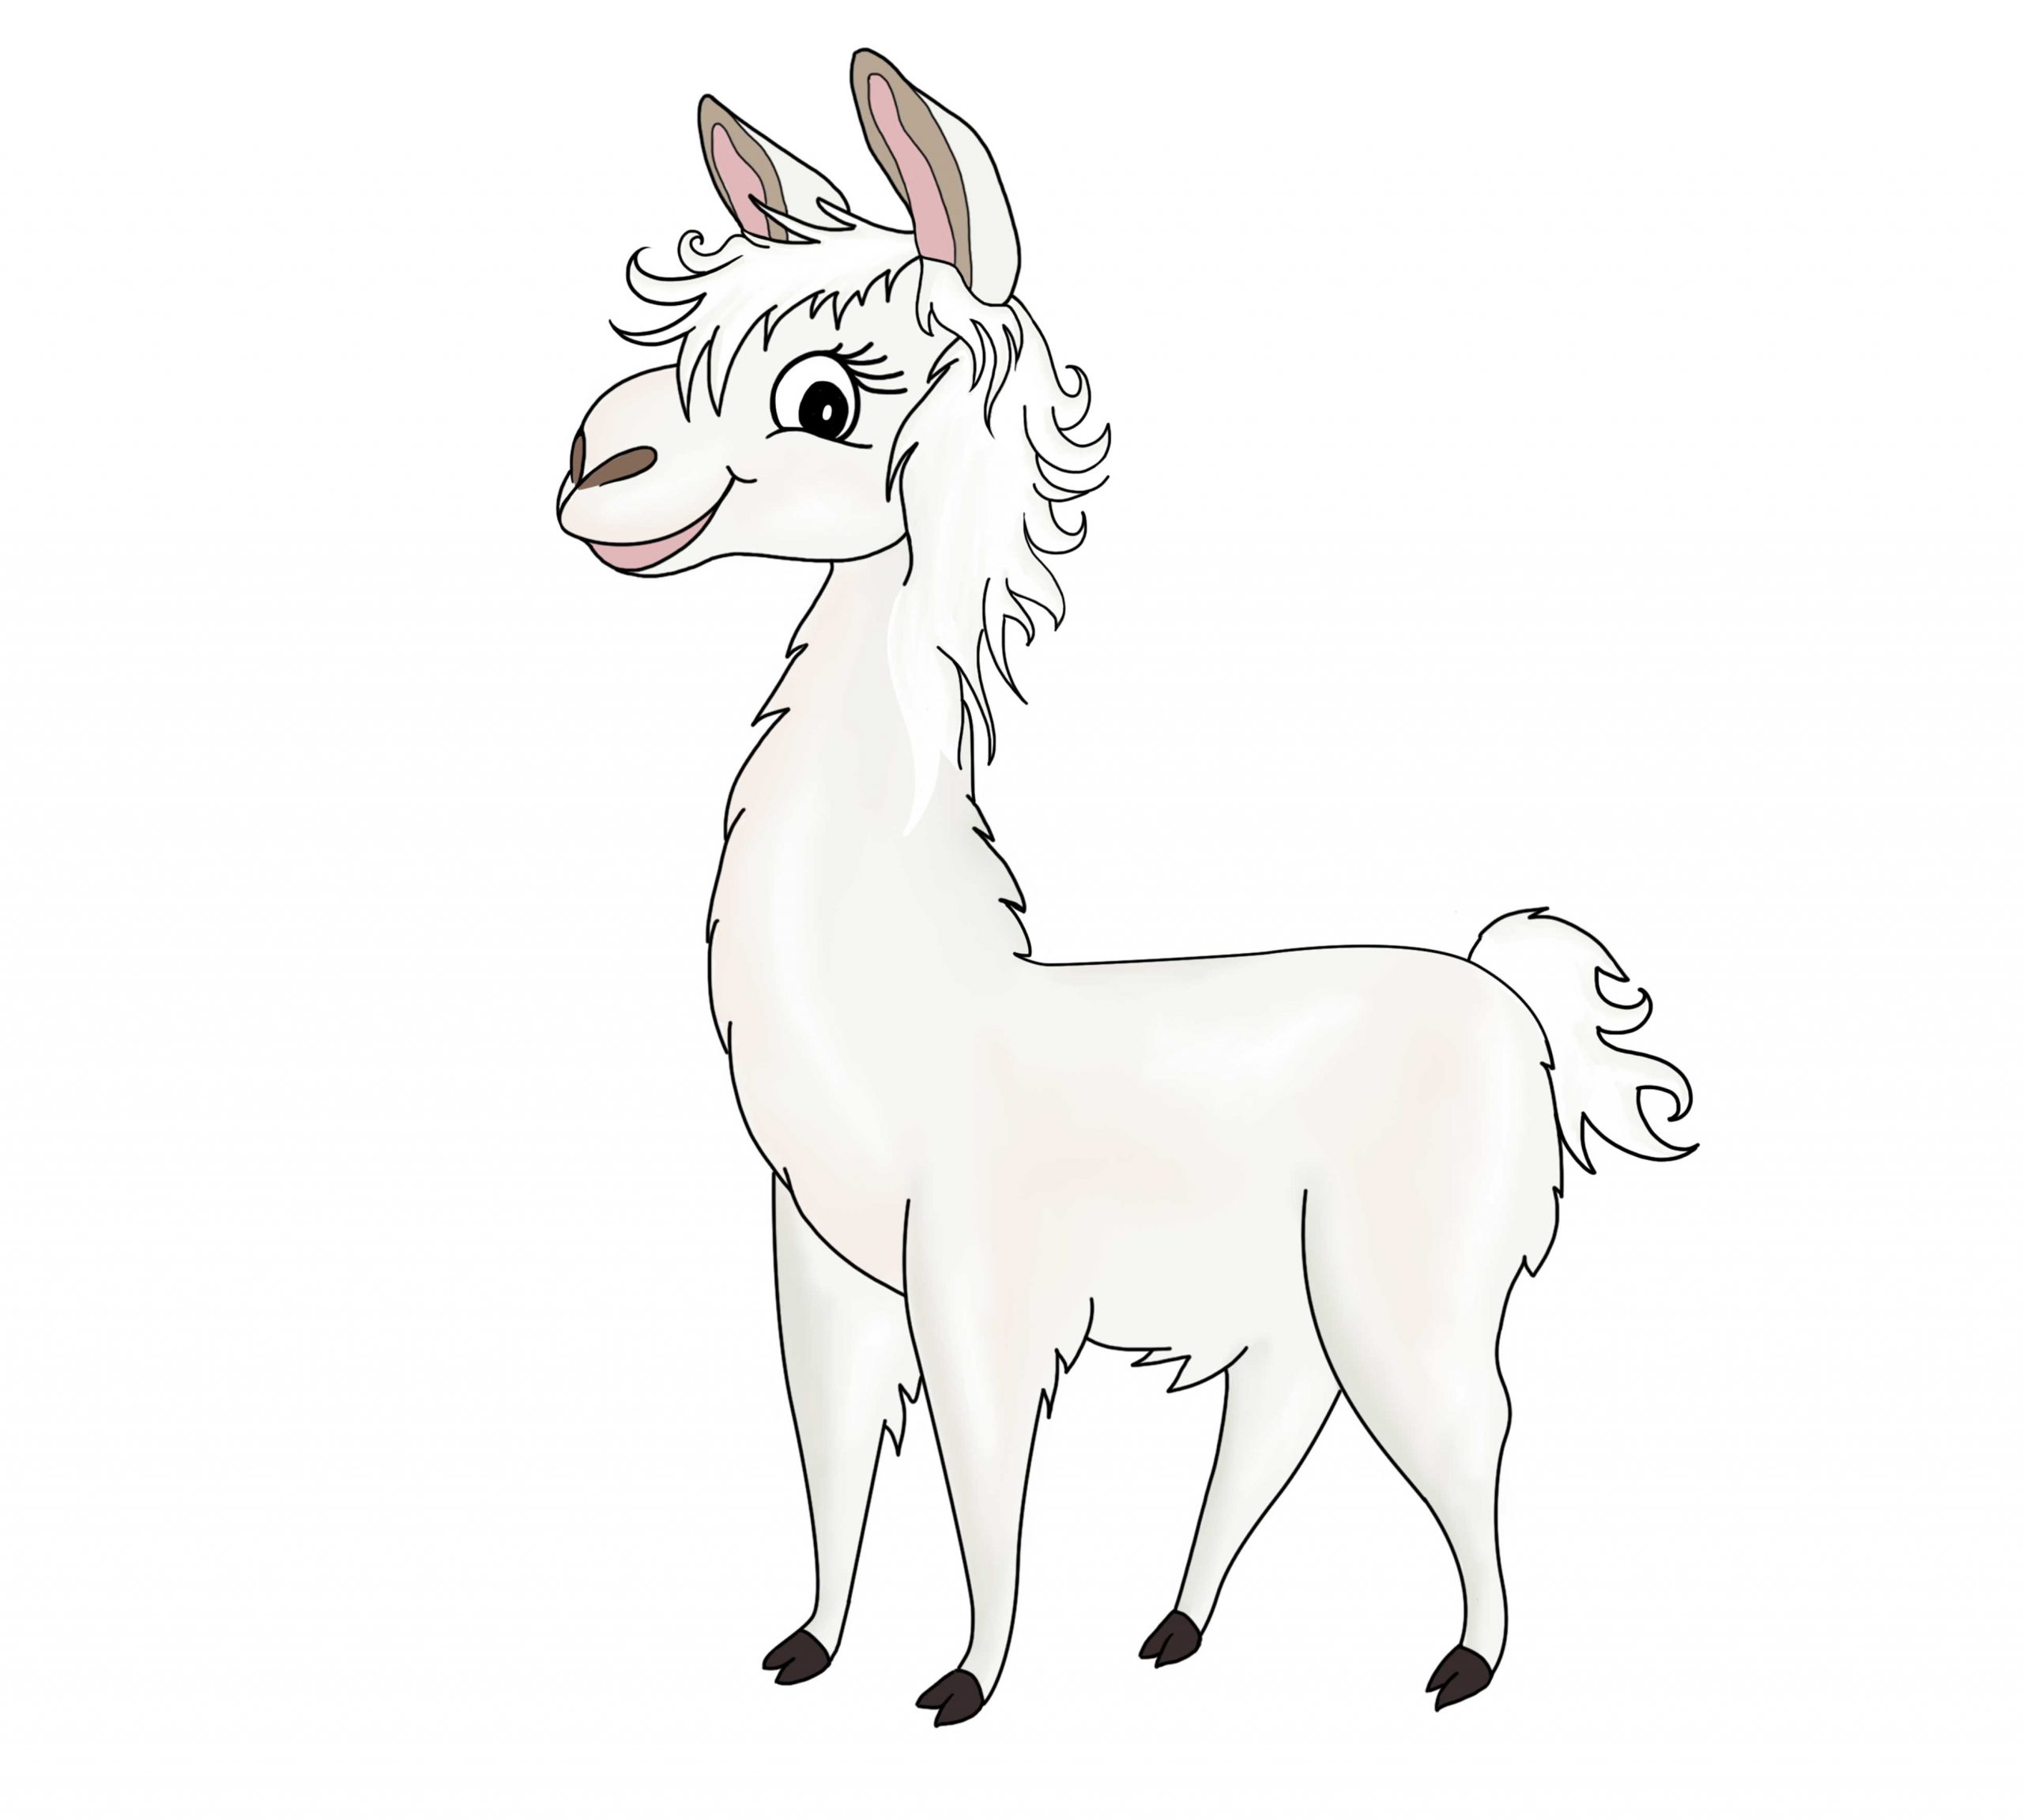 Arya the Llama